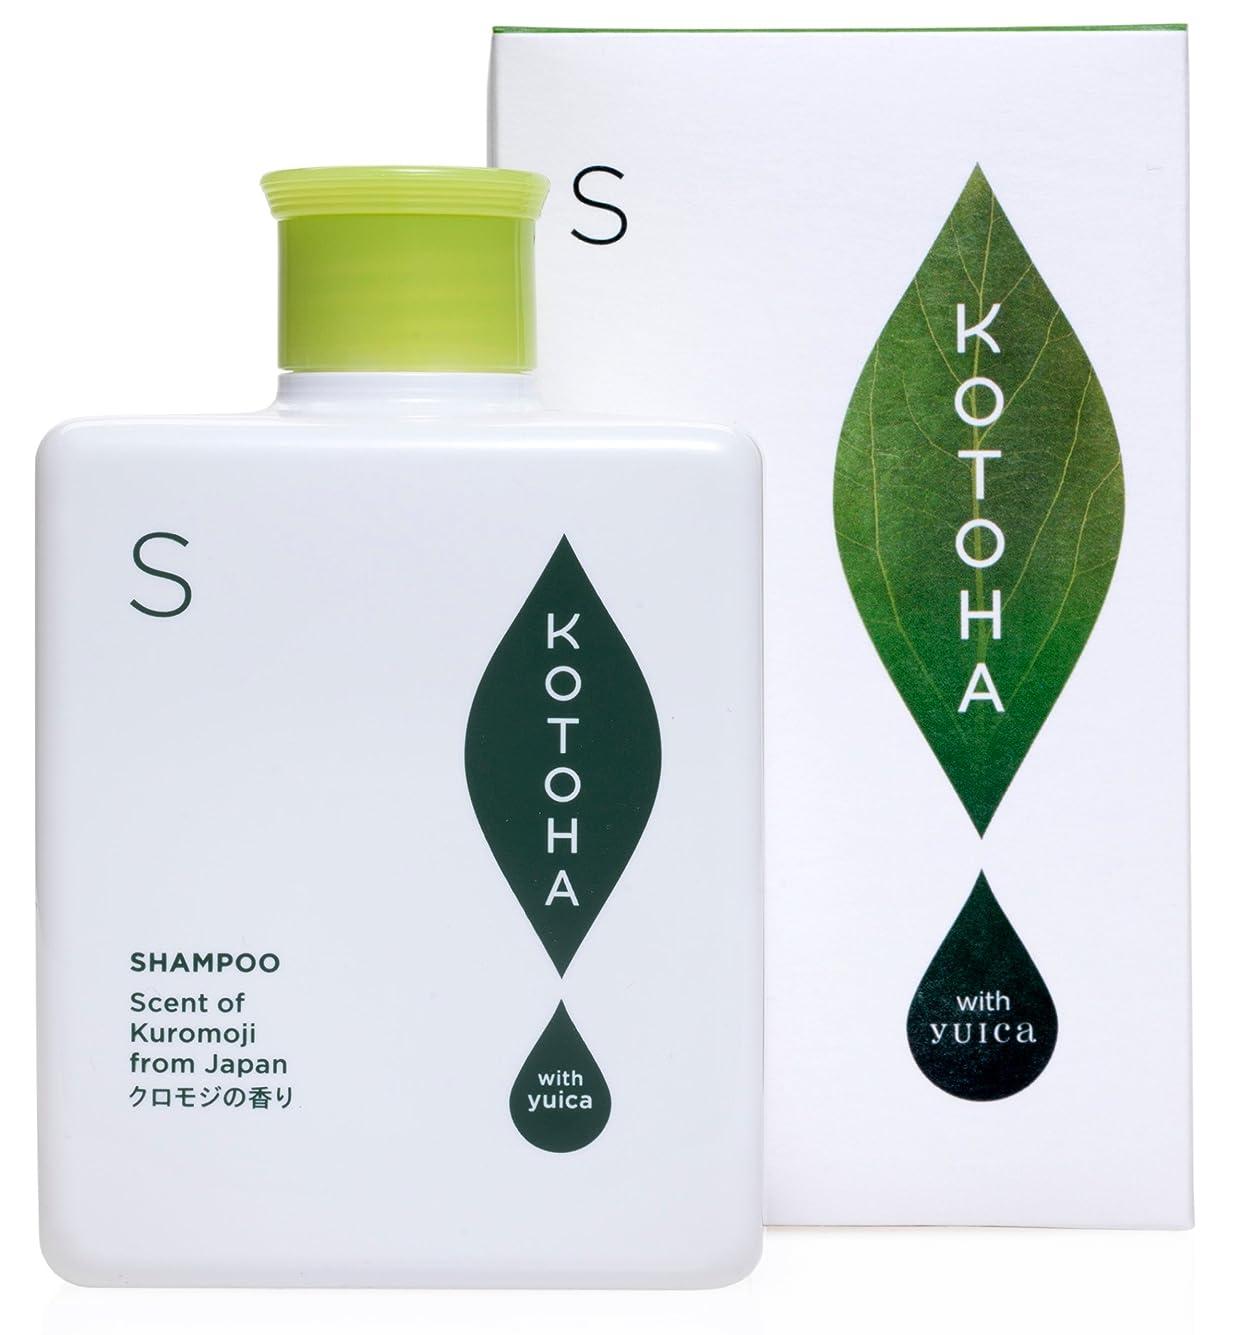 仲介者改善将来のKOTOHA with yuica ヘアシャンプー やすらぎの香り(クロモジベース) 300mL